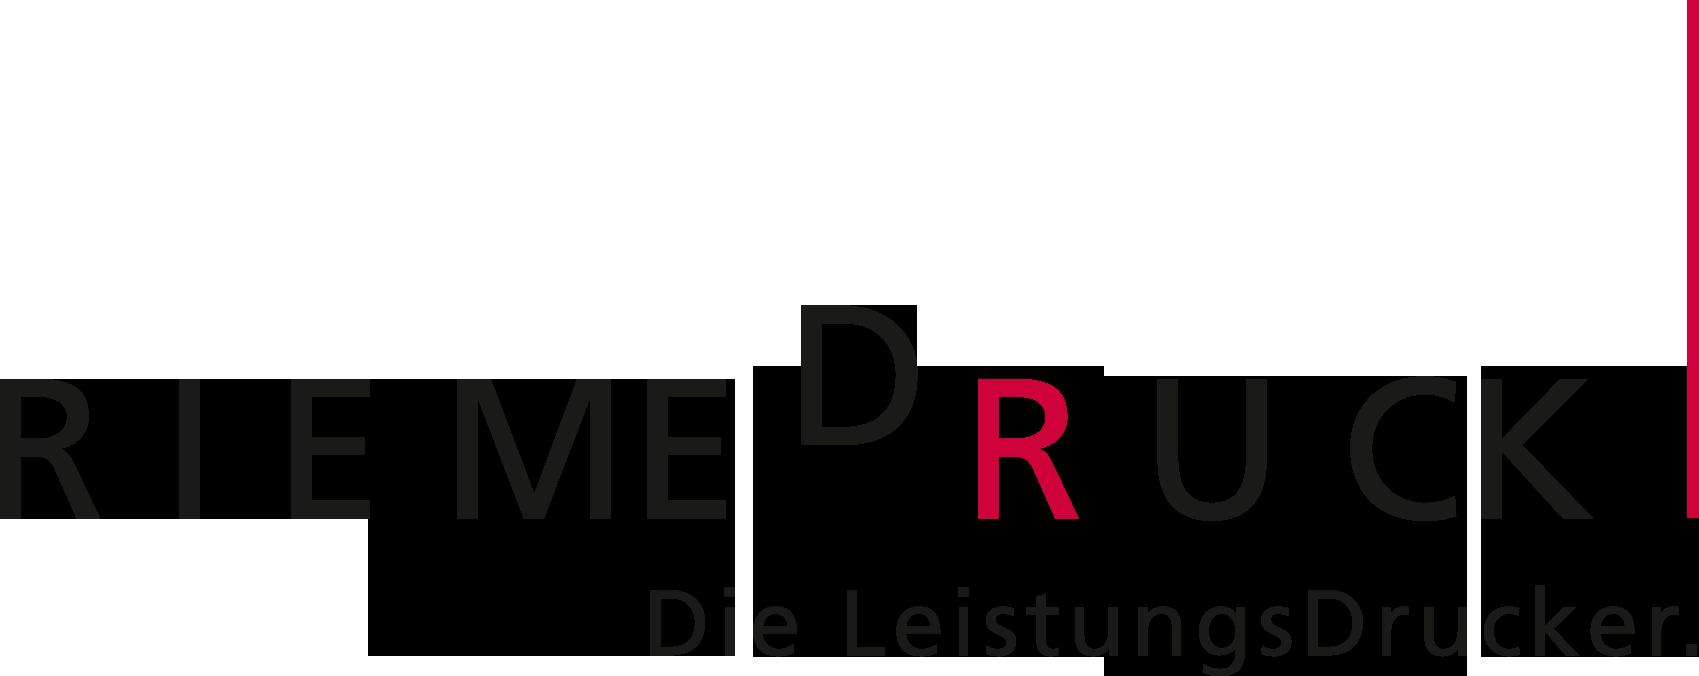 Riemerdruck Druckerei Hamburg Offsetdruck Digitaldruck